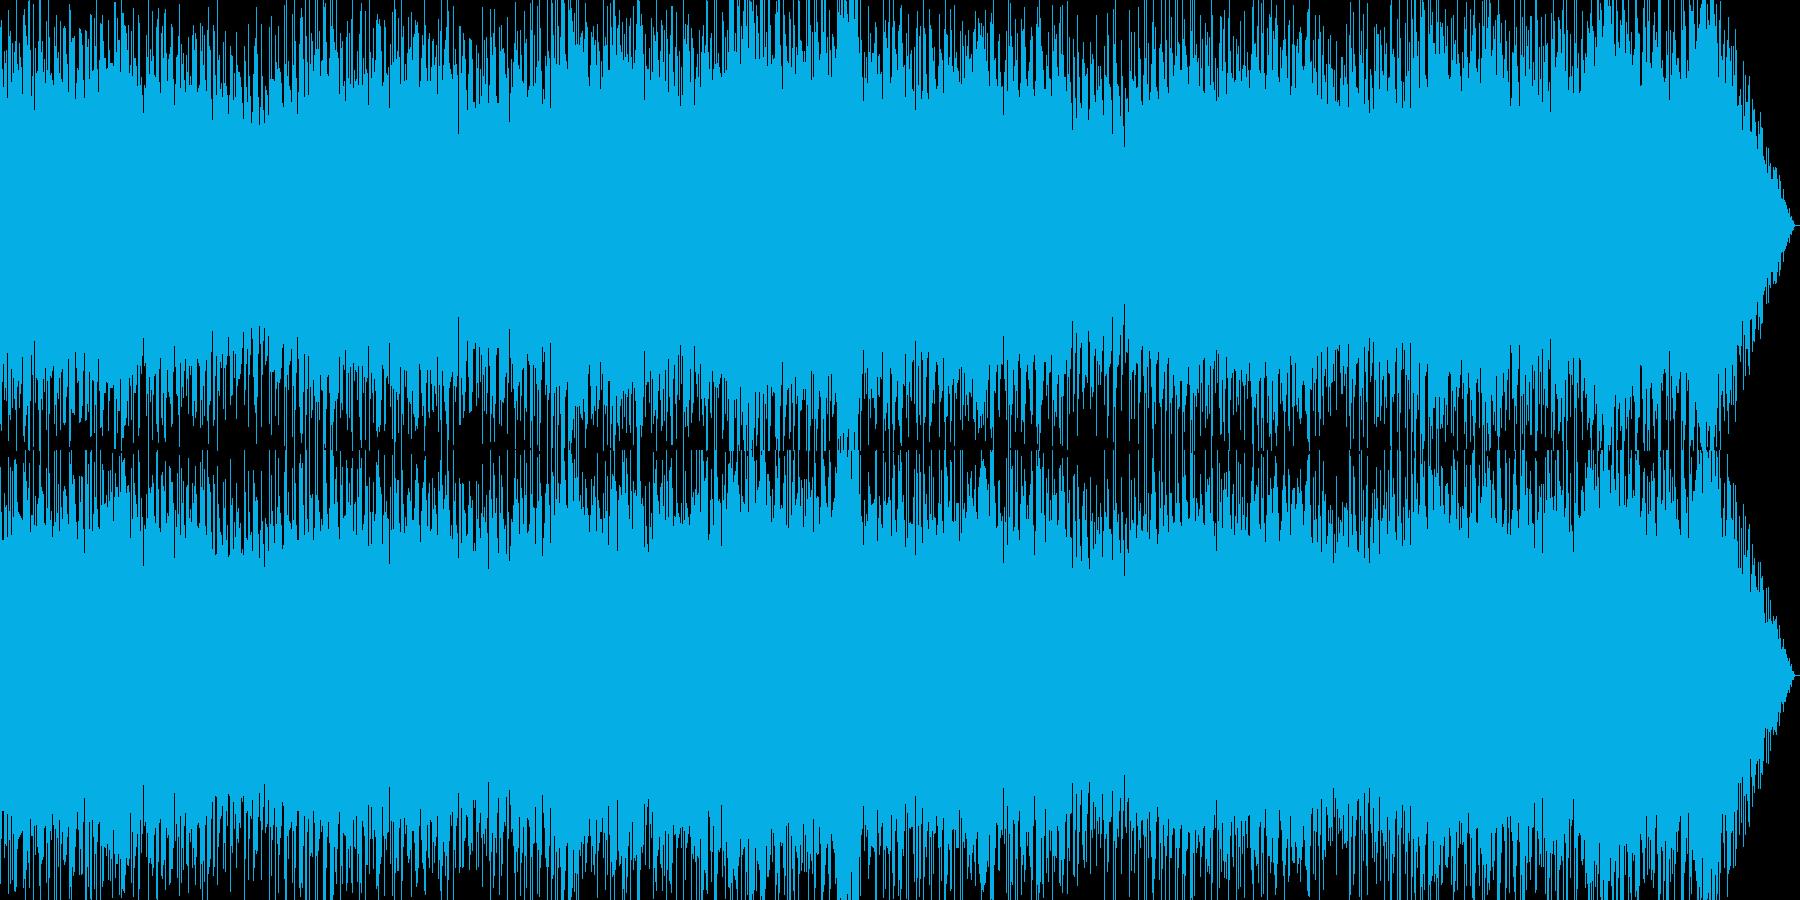 軽快ポップなゲームBGM系インストの再生済みの波形